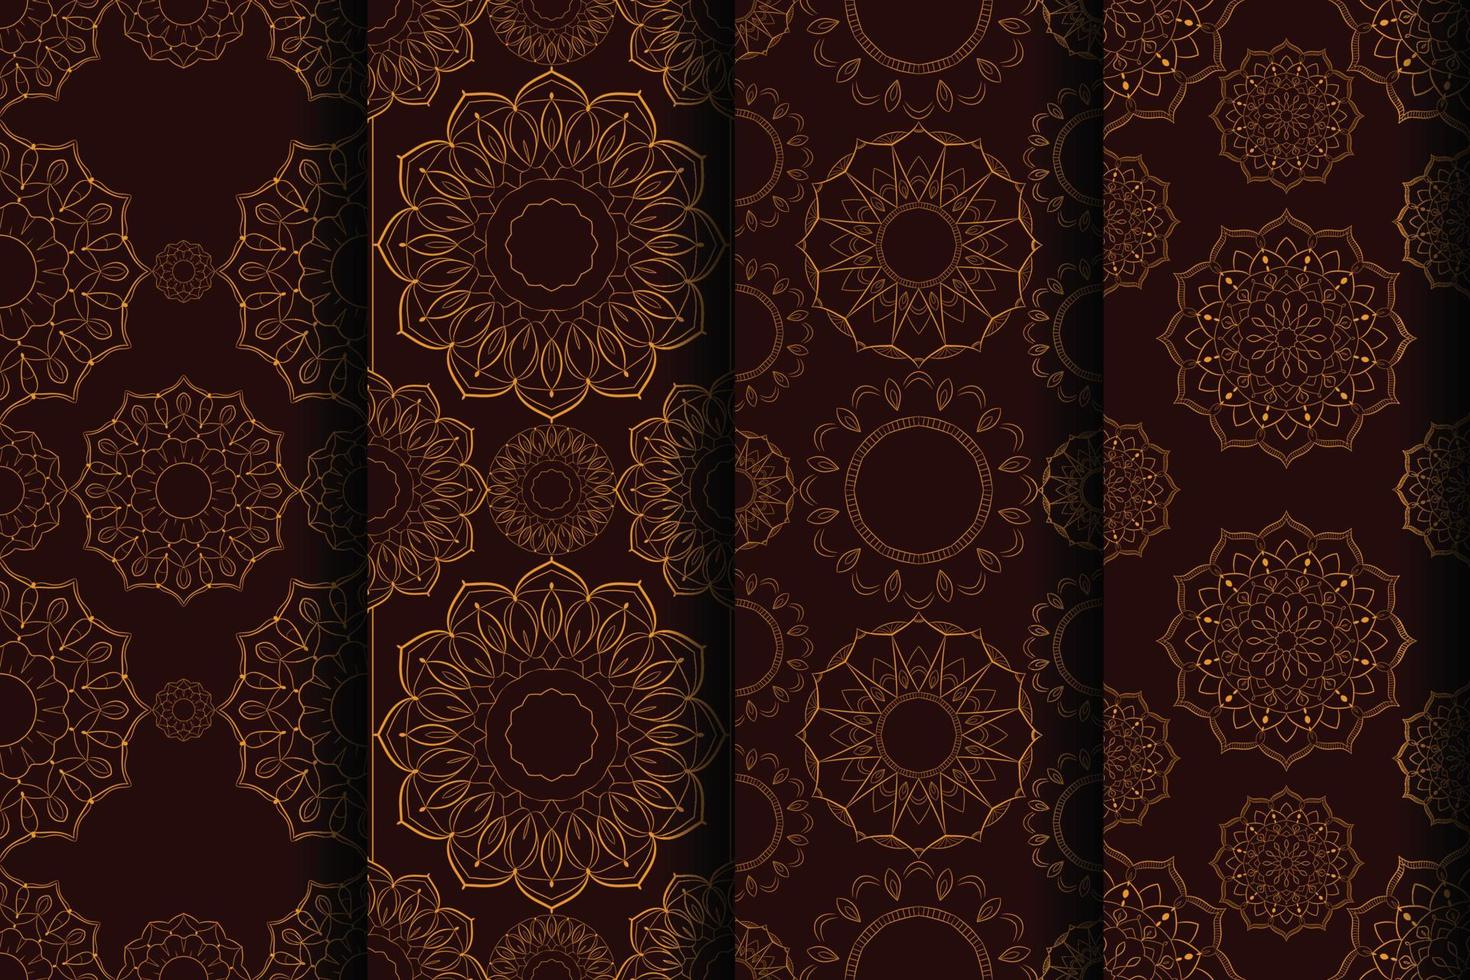 conjunto de mandala padrão sem costura luxo criativo vetor